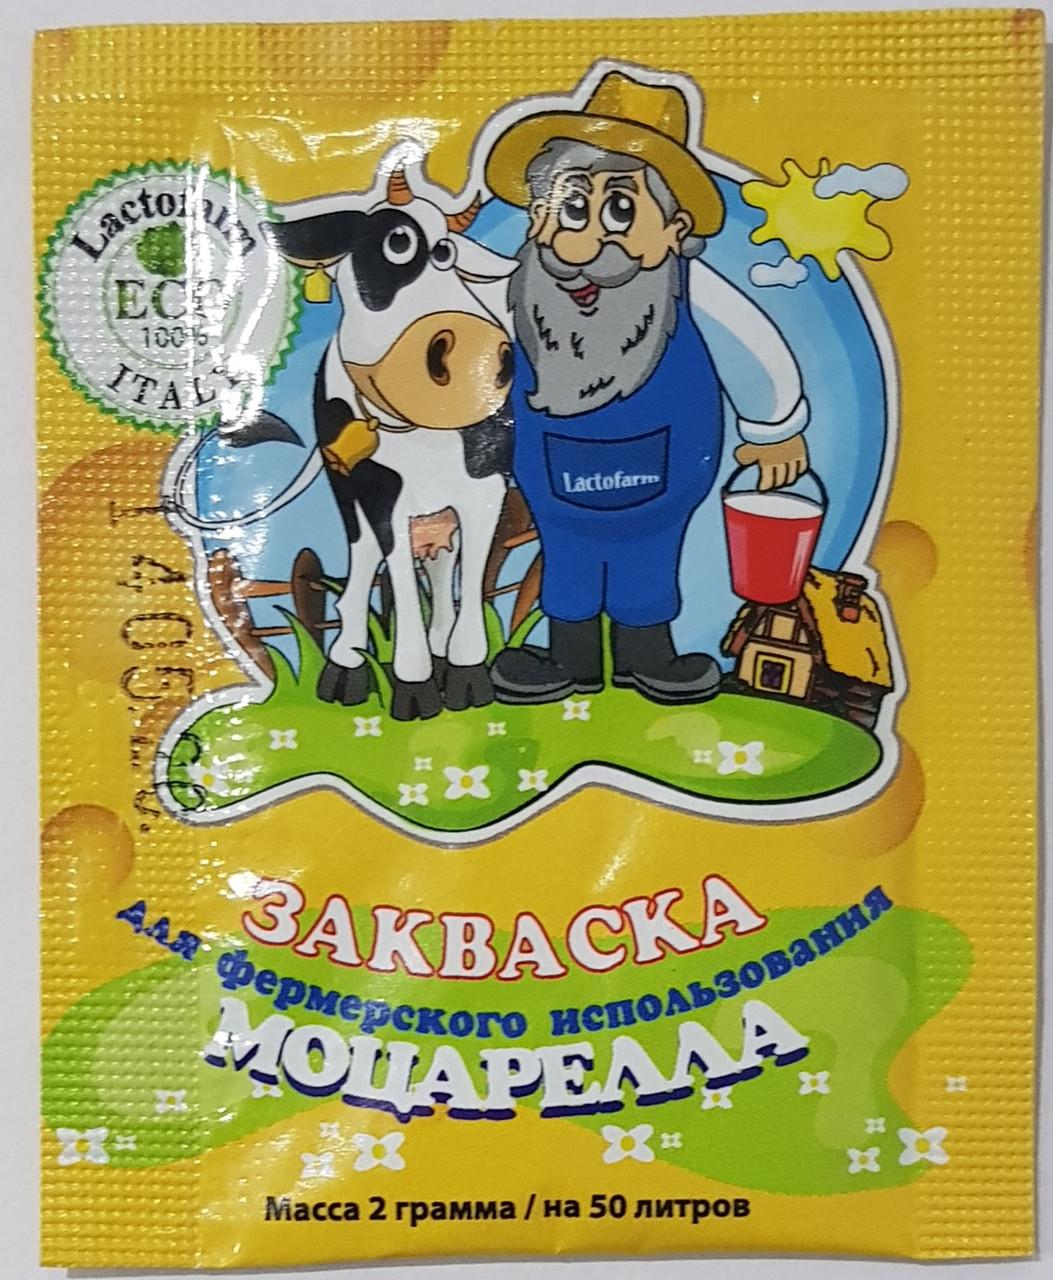 Закваска для сыра Моцарелла, Качотта, Манчего, Сулугуни, Косичка, Чечил.(1 сашет 2гр на 50л молока)